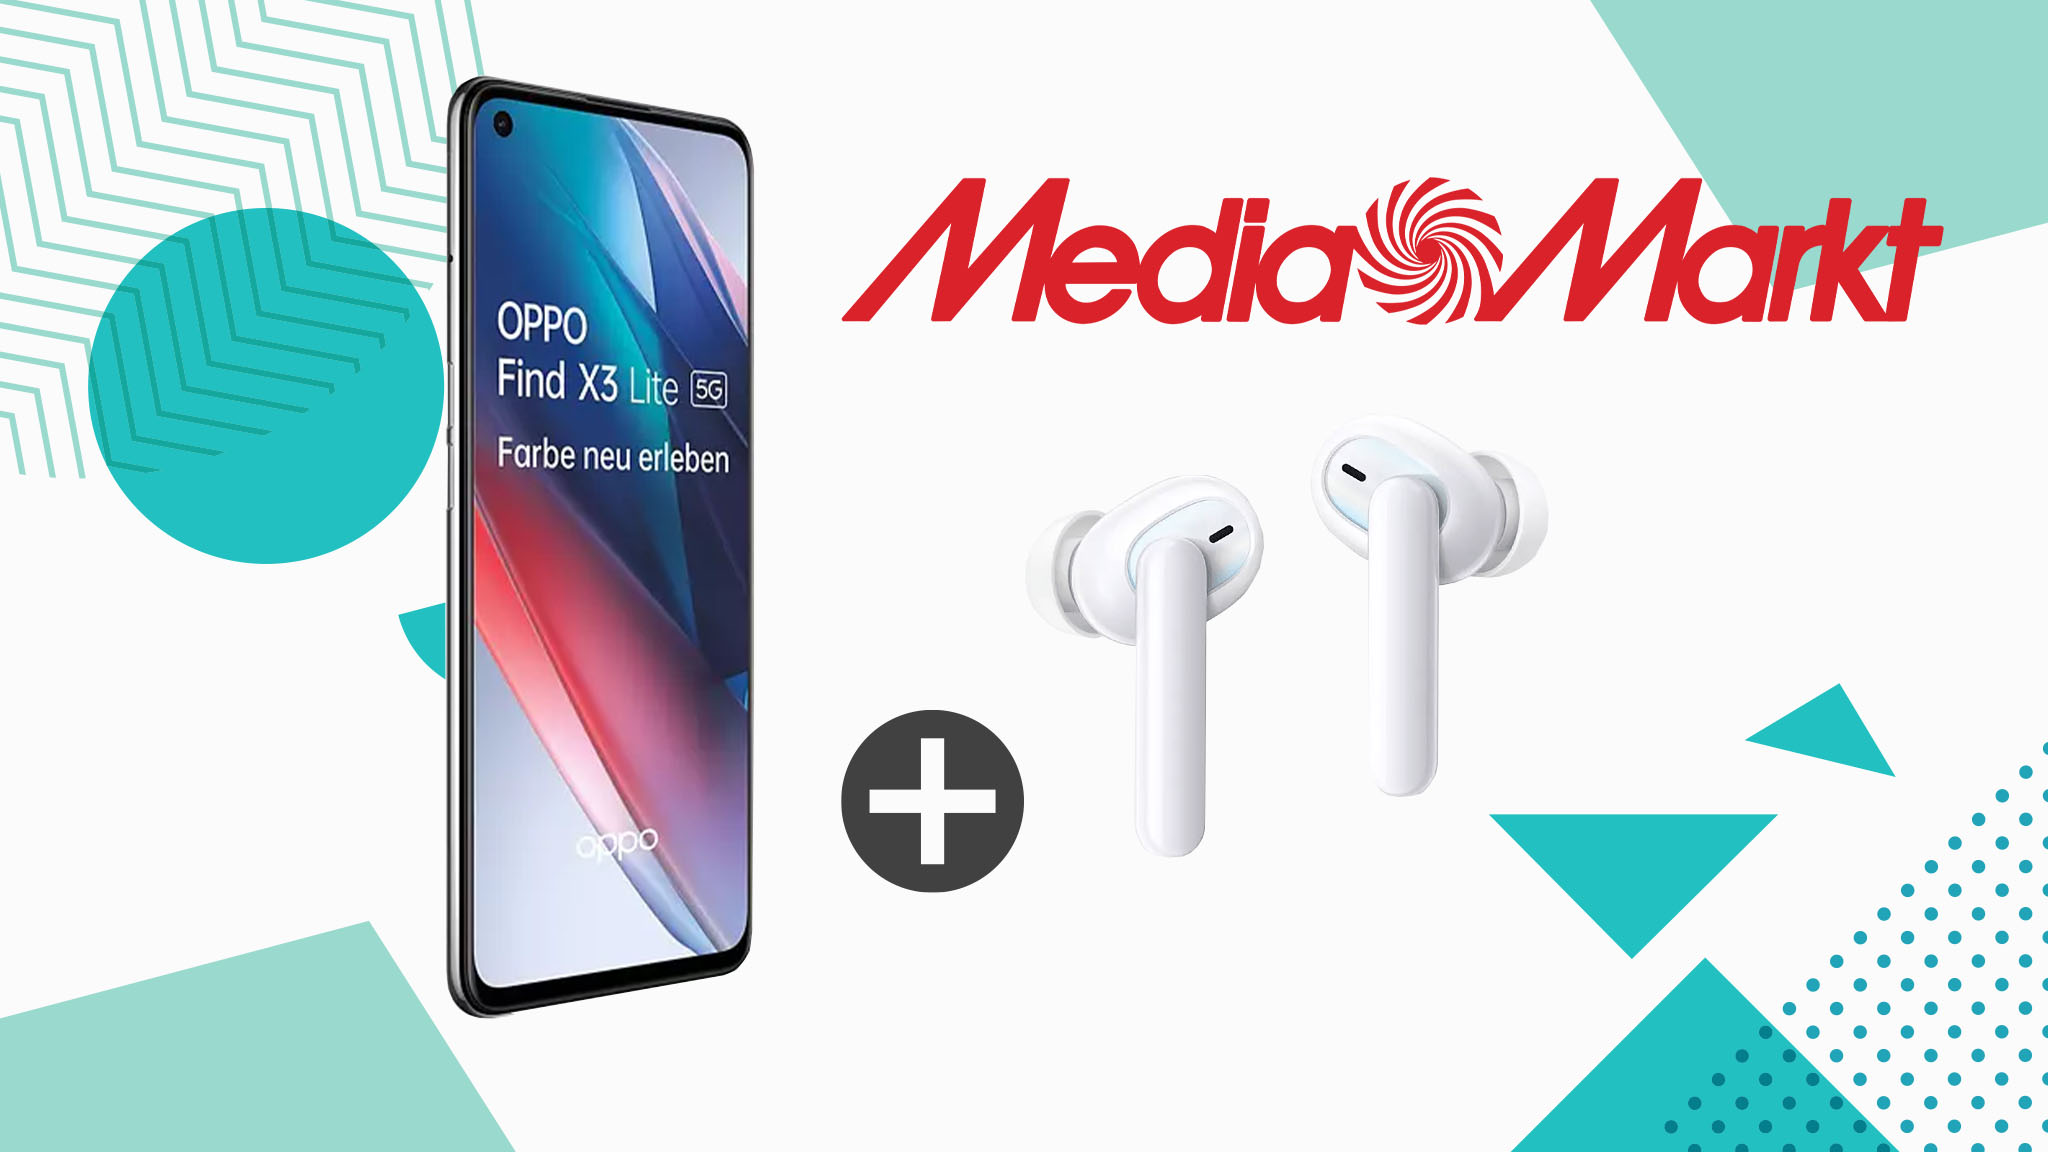 Oppo-Set bei Media Markt: Find X3 Lite 5G und In-Ears Enco W51 für unter 370 Euro